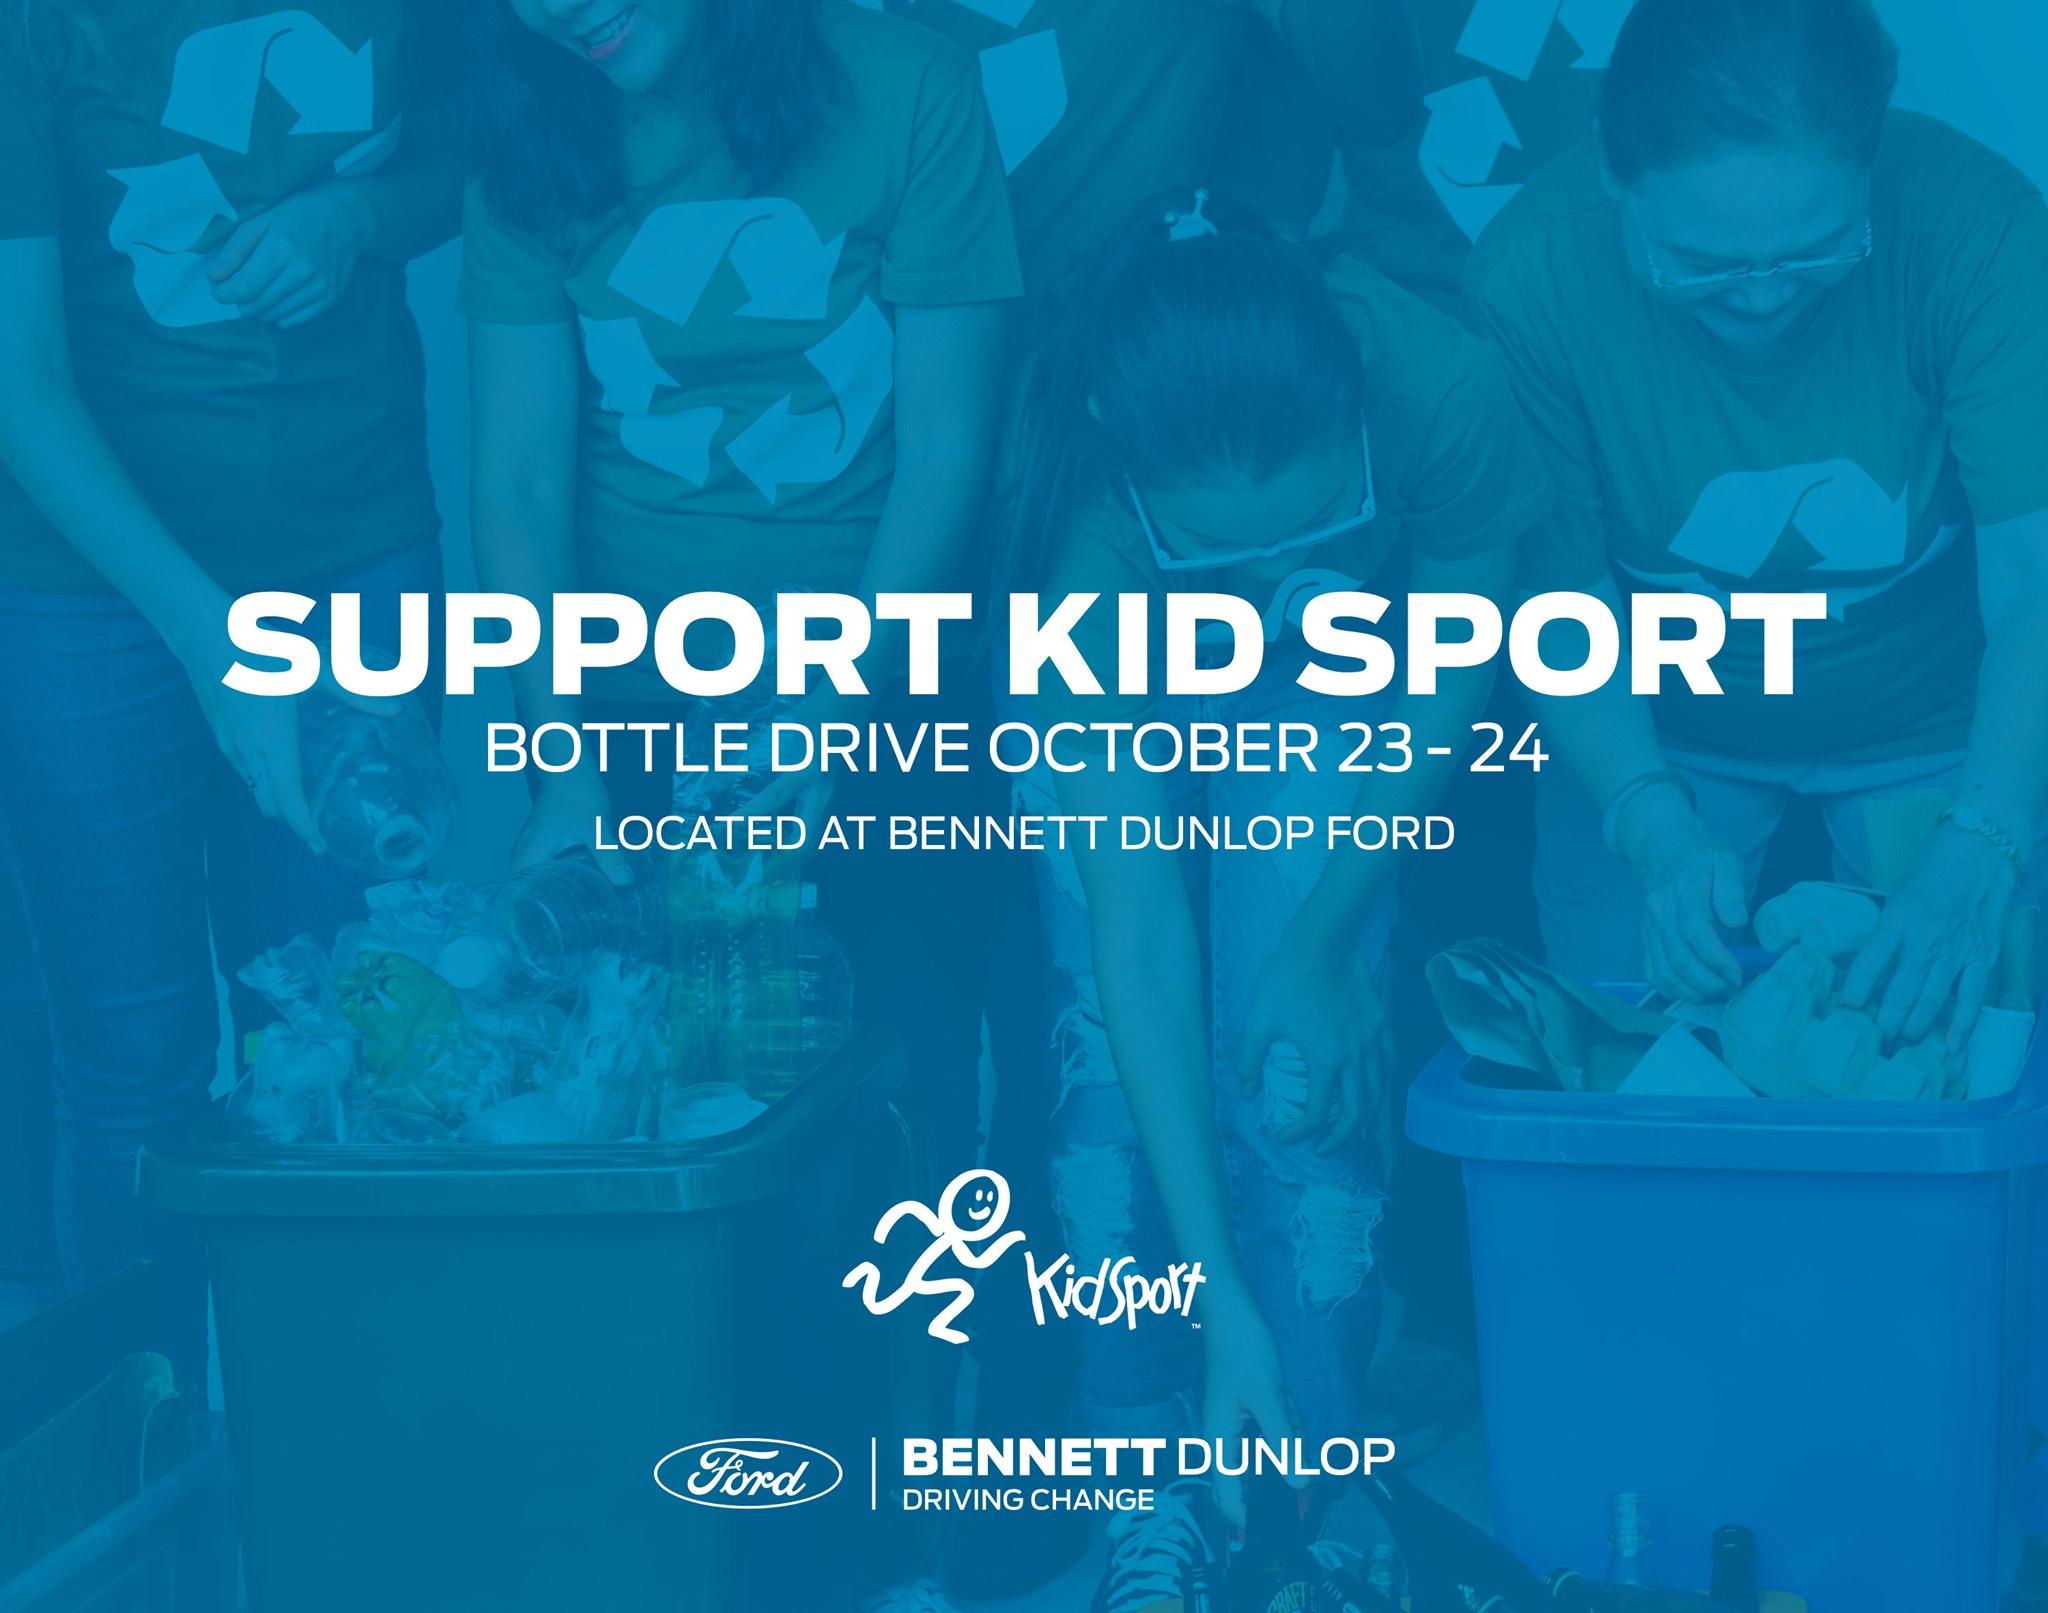 Bennett bottle